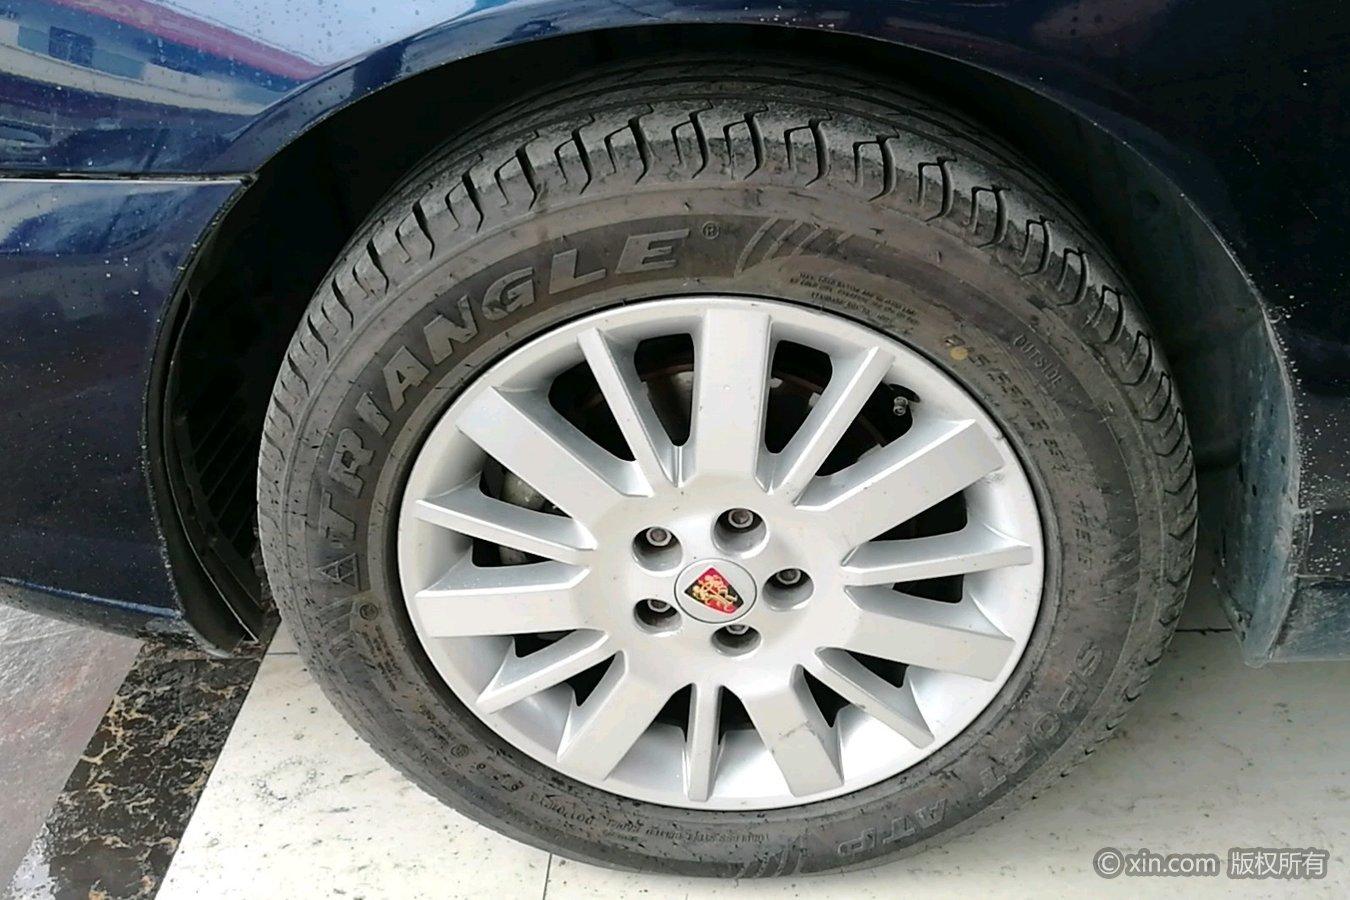 荣威750左前轮胎广汽歌诗本田图方向机怎么拆